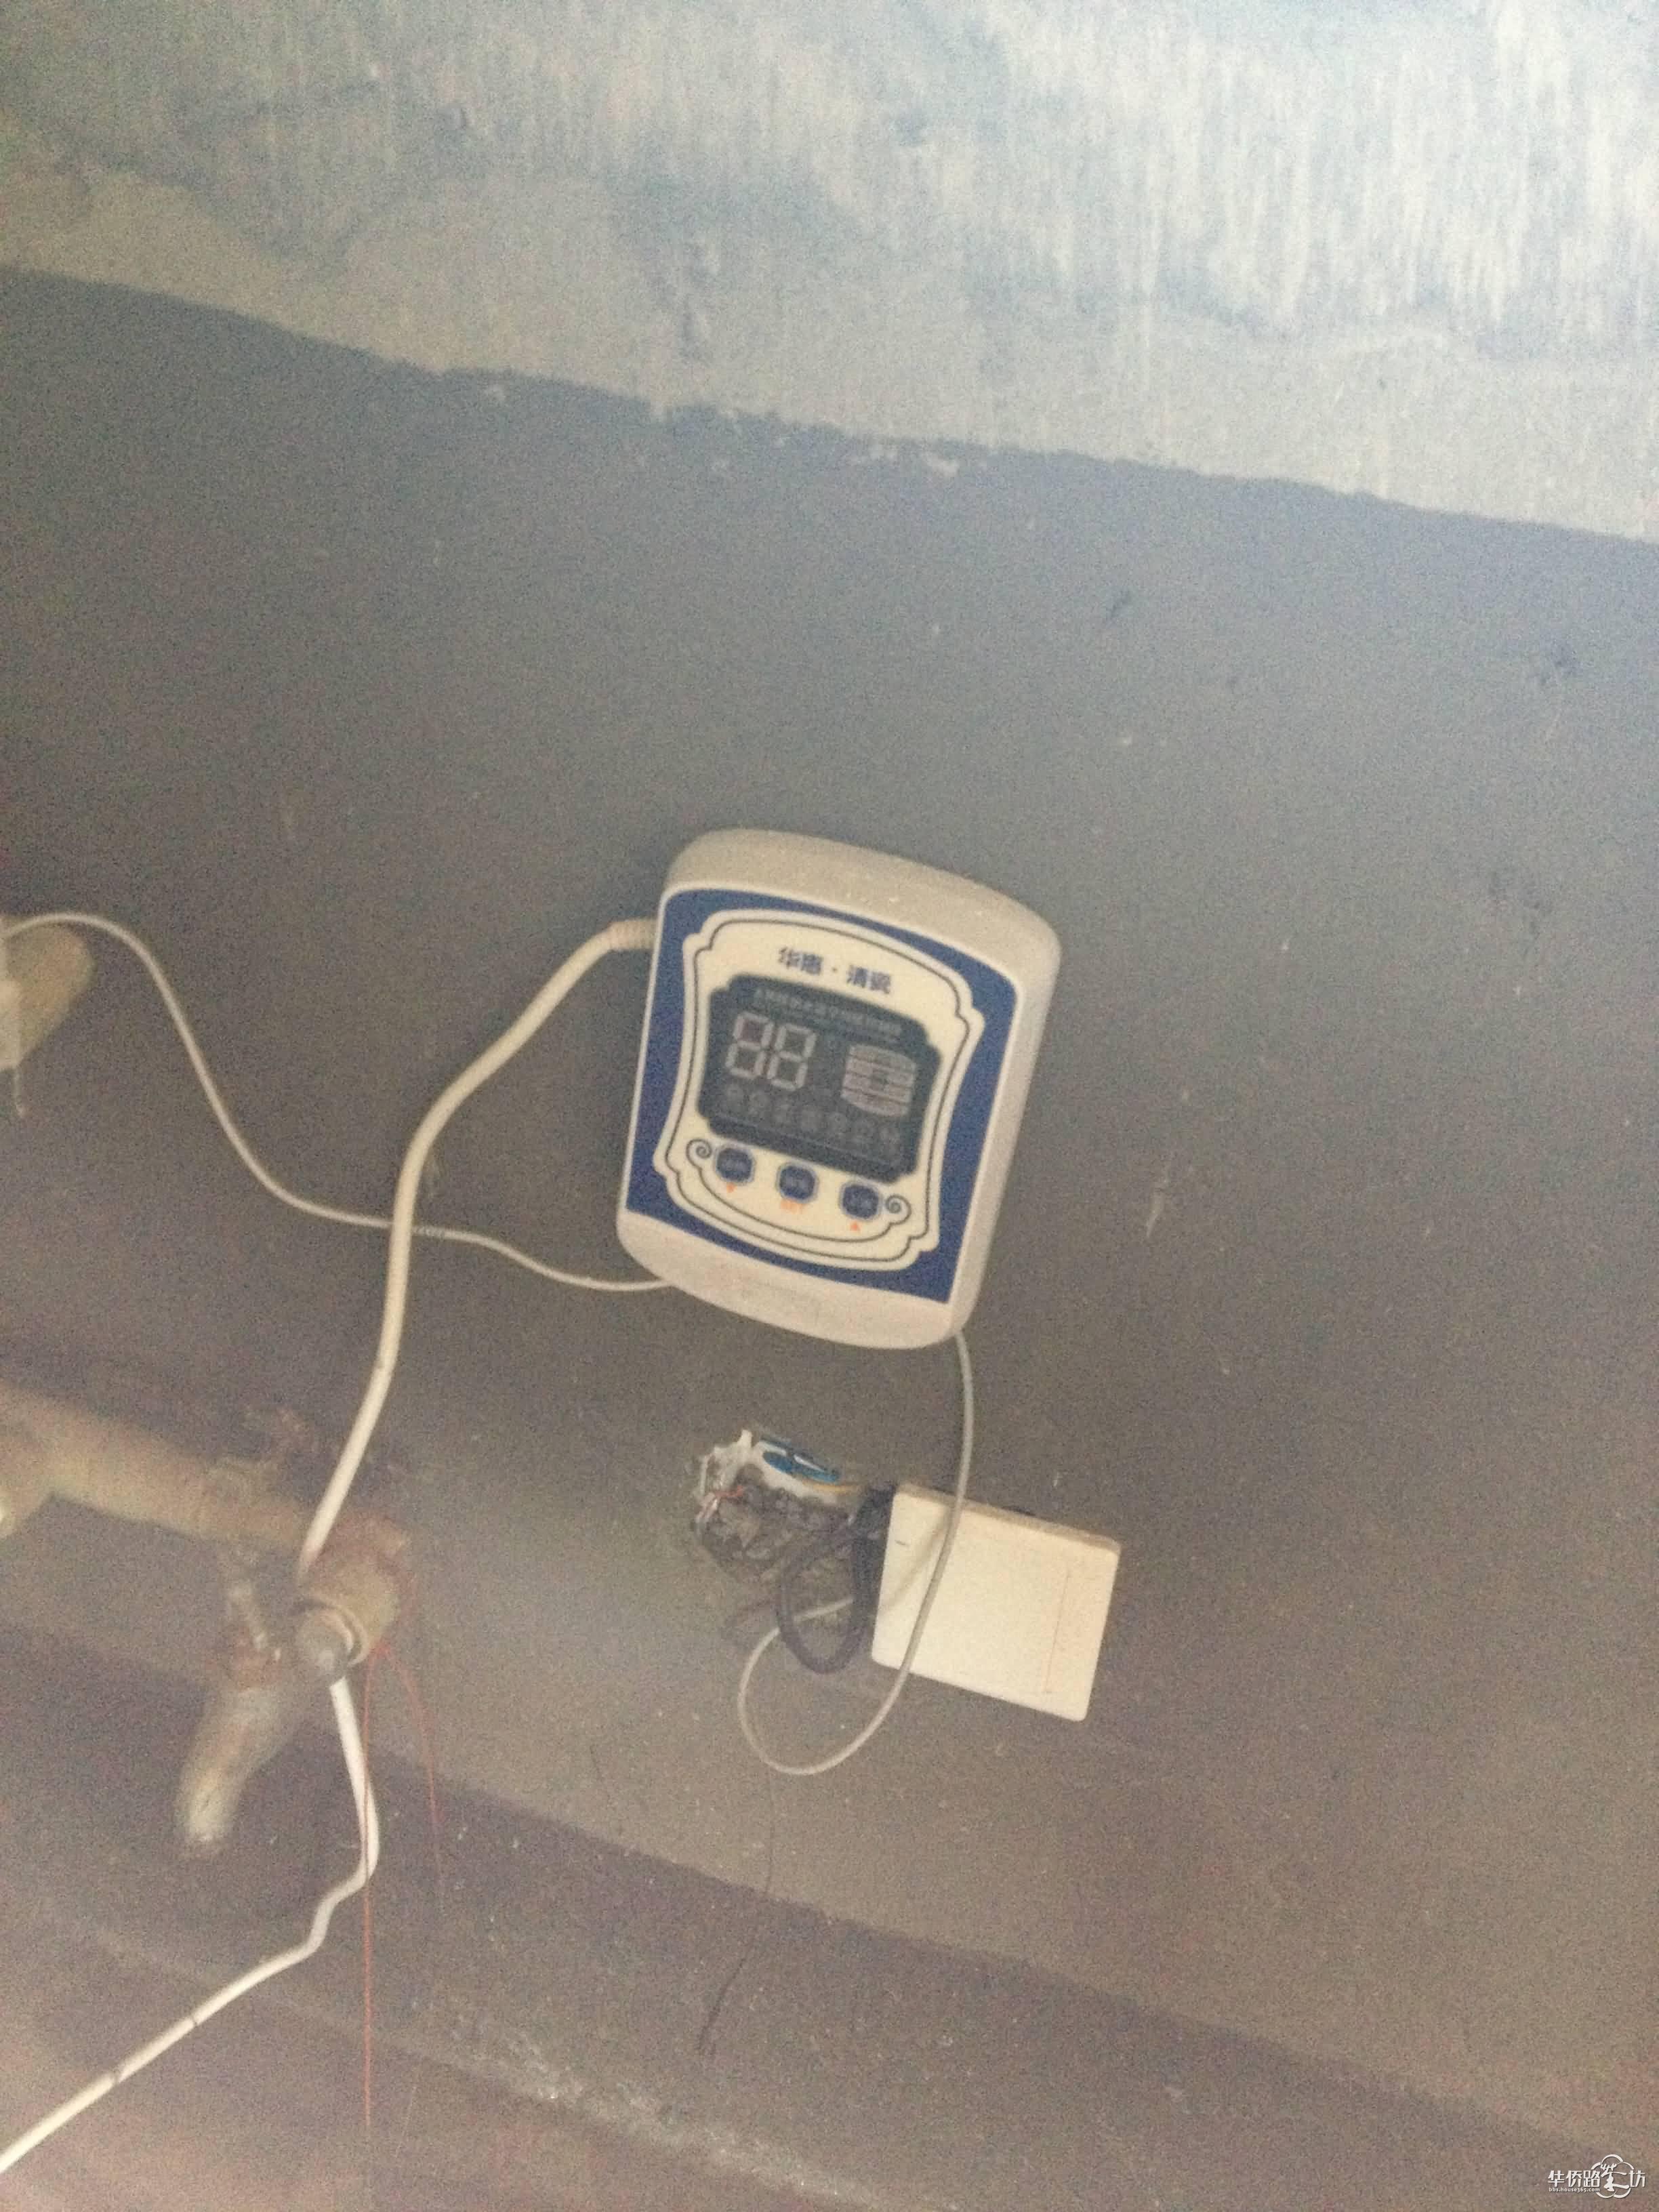 太阳能热水器-智能温控器